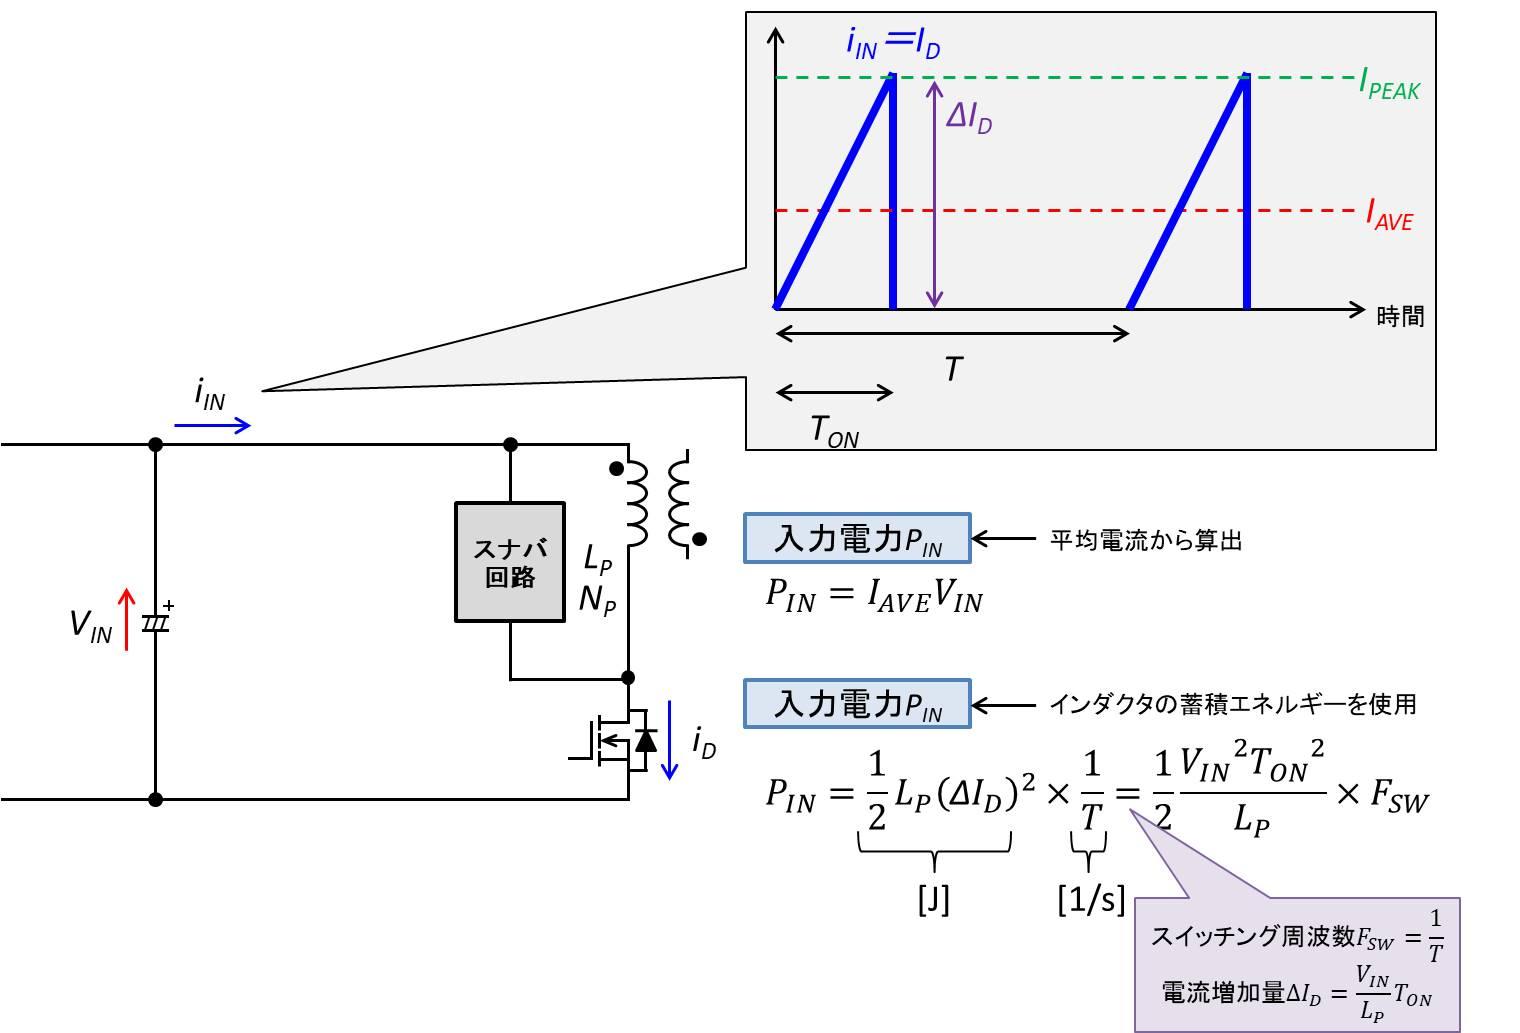 電流不連続モードの入力電力